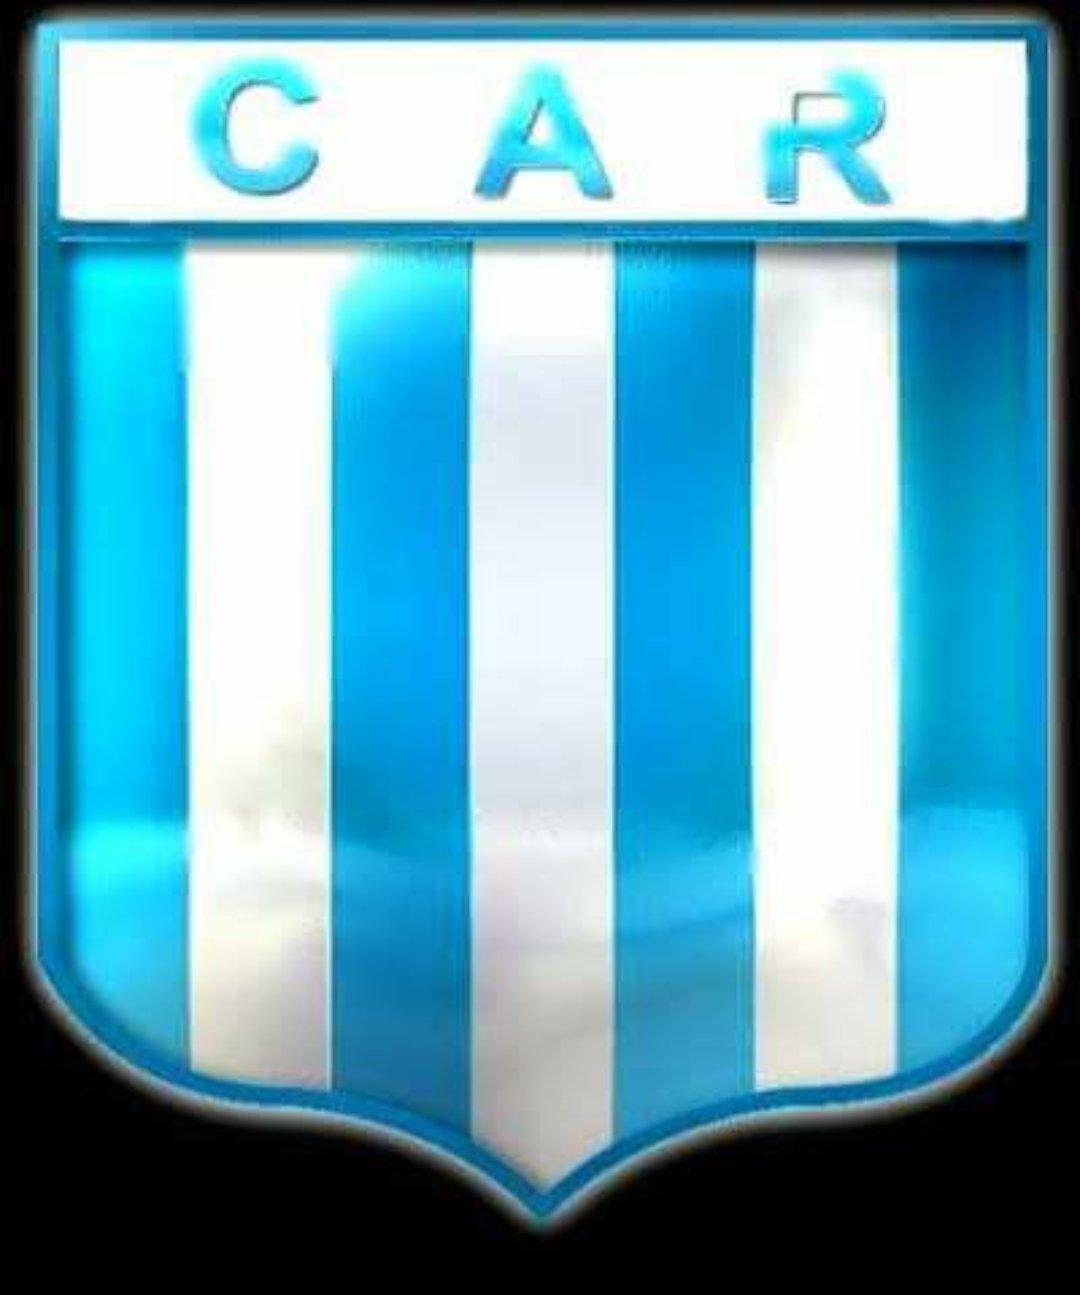 San Lorenzo no quiere jugar el 19 su presidente dice que licencia al plantel después de la última fecha esto no es serio nos tenemos que hacer valer Racing es grande https://t.co/IN1TXZjpCz